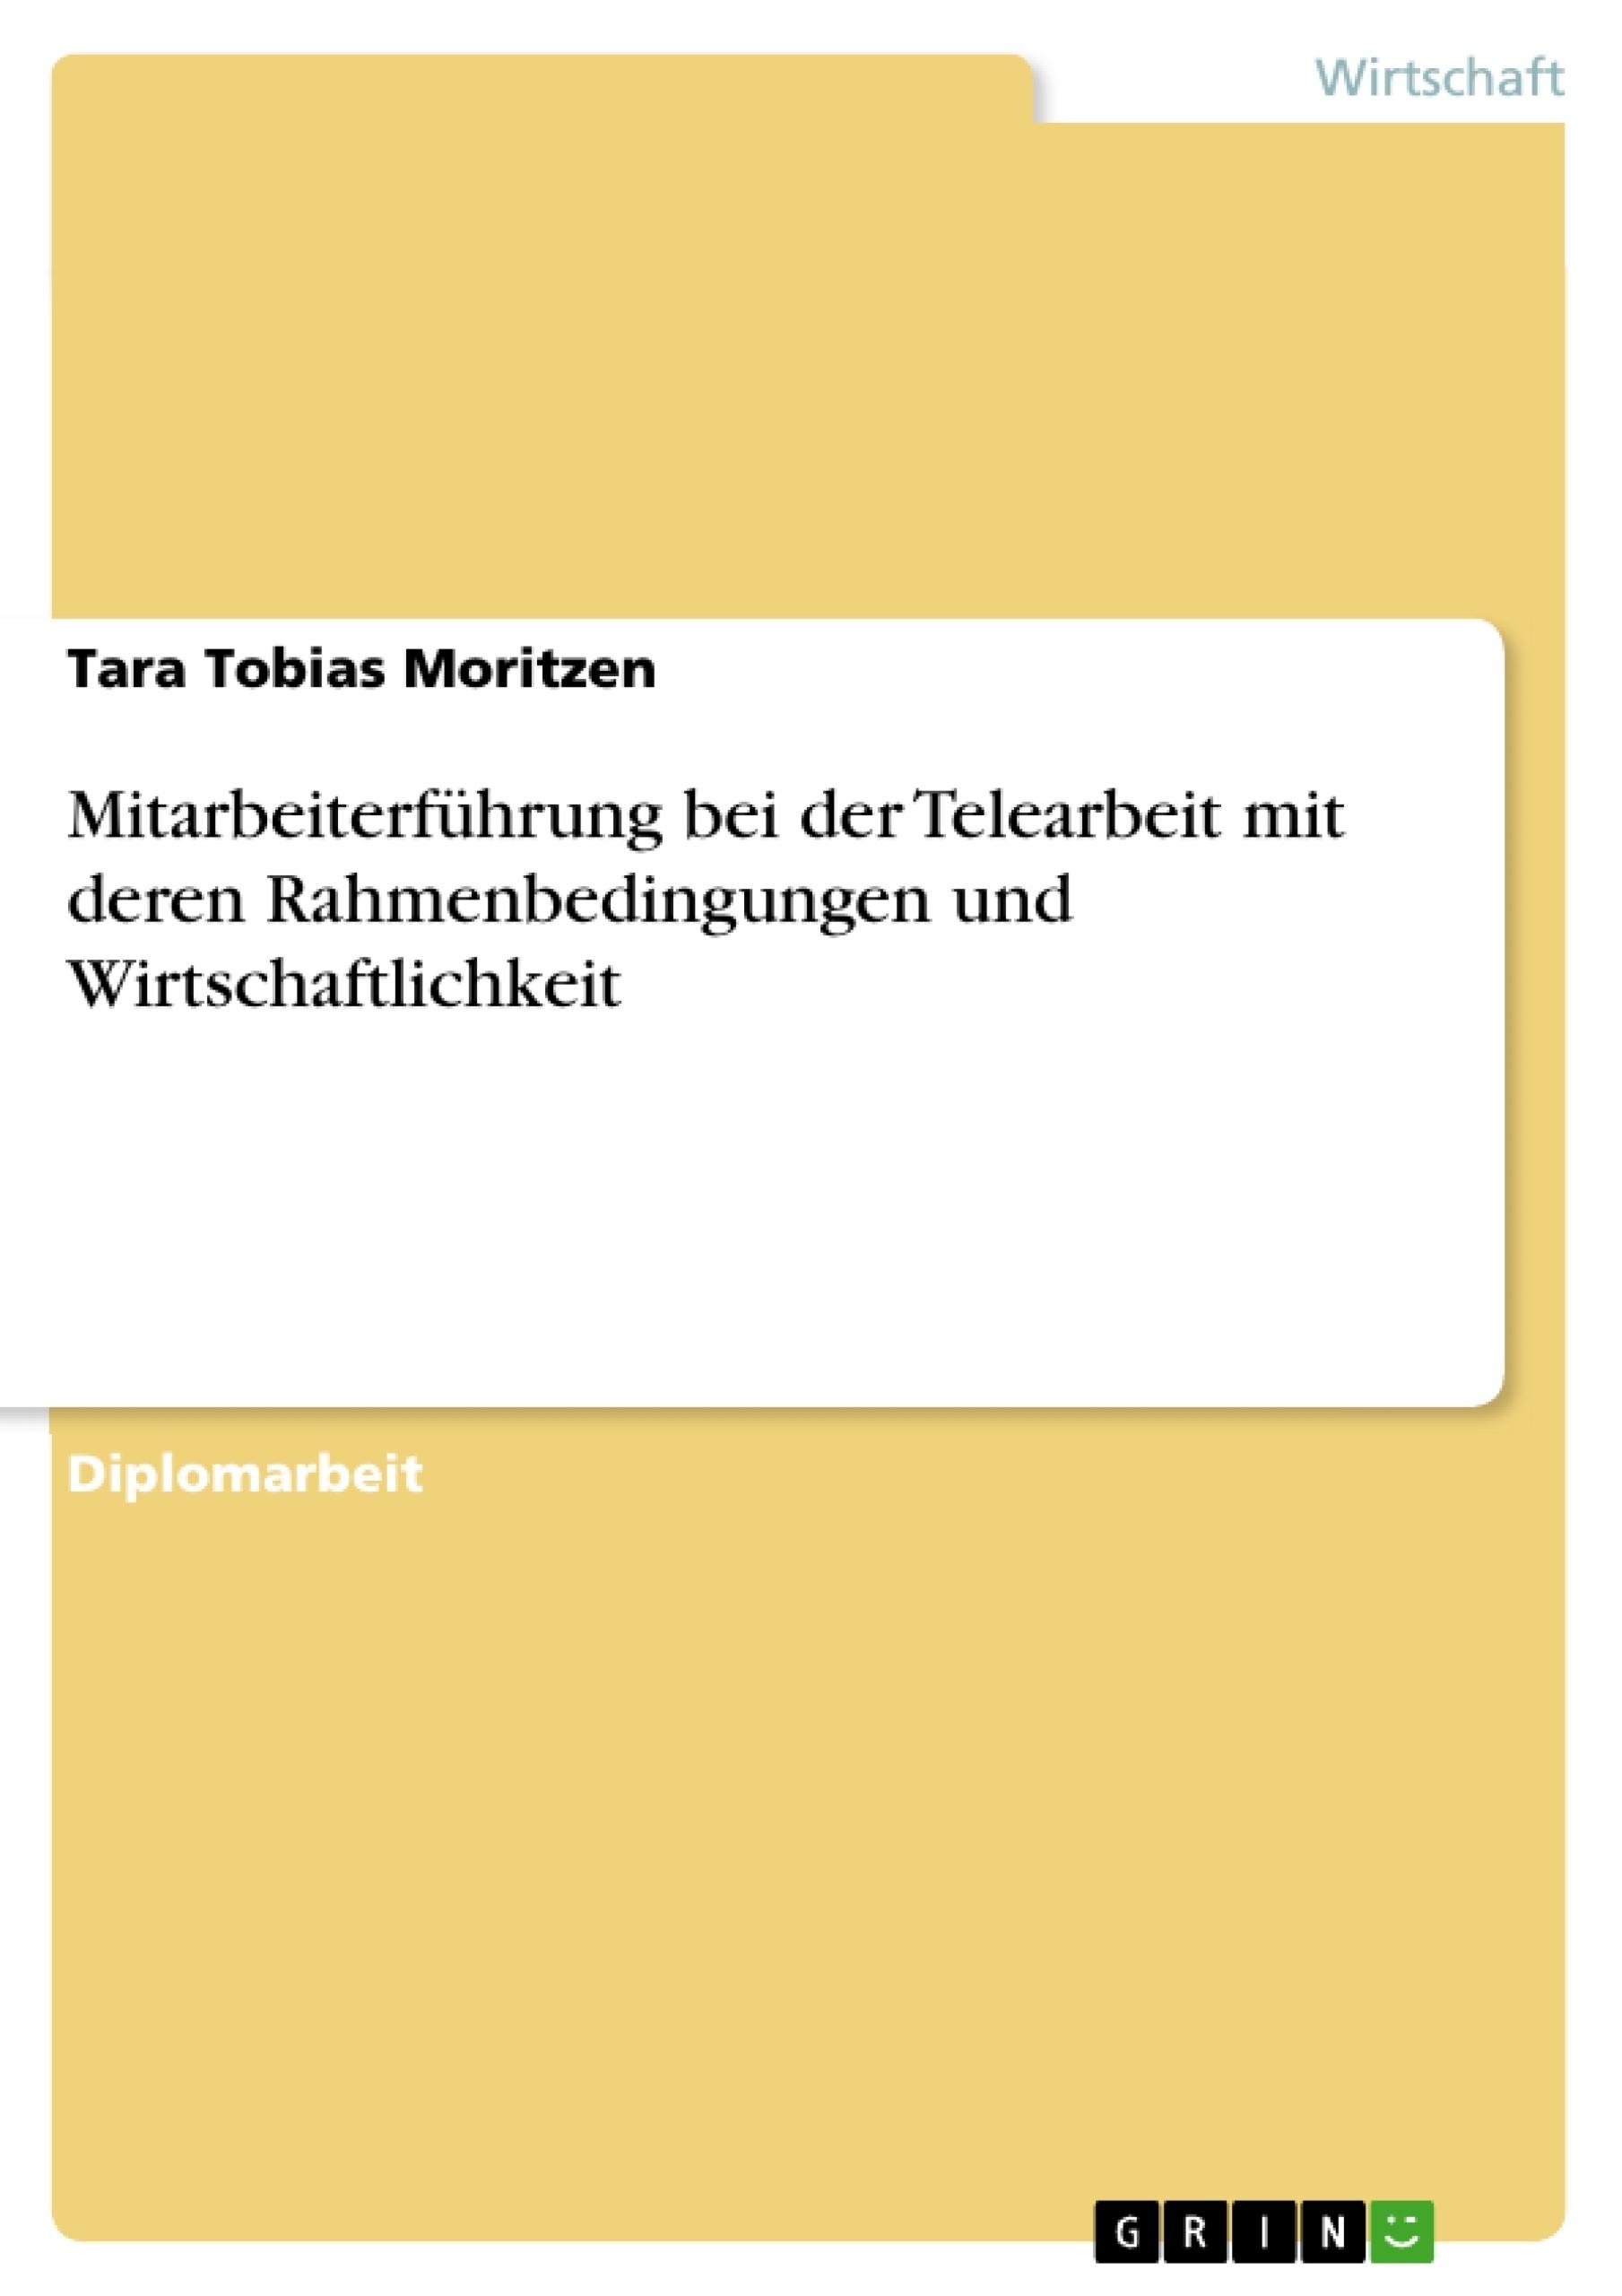 Titel: Mitarbeiterführung bei der Telearbeit mit deren Rahmenbedingungen und Wirtschaftlichkeit